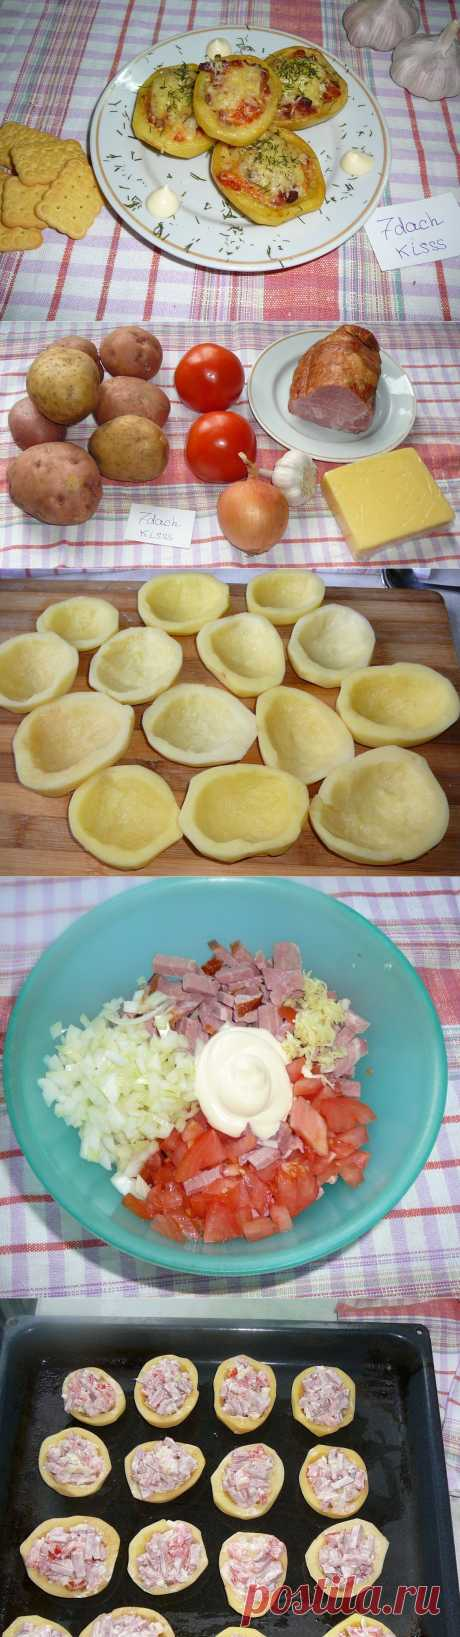 Фаршированный картофель.